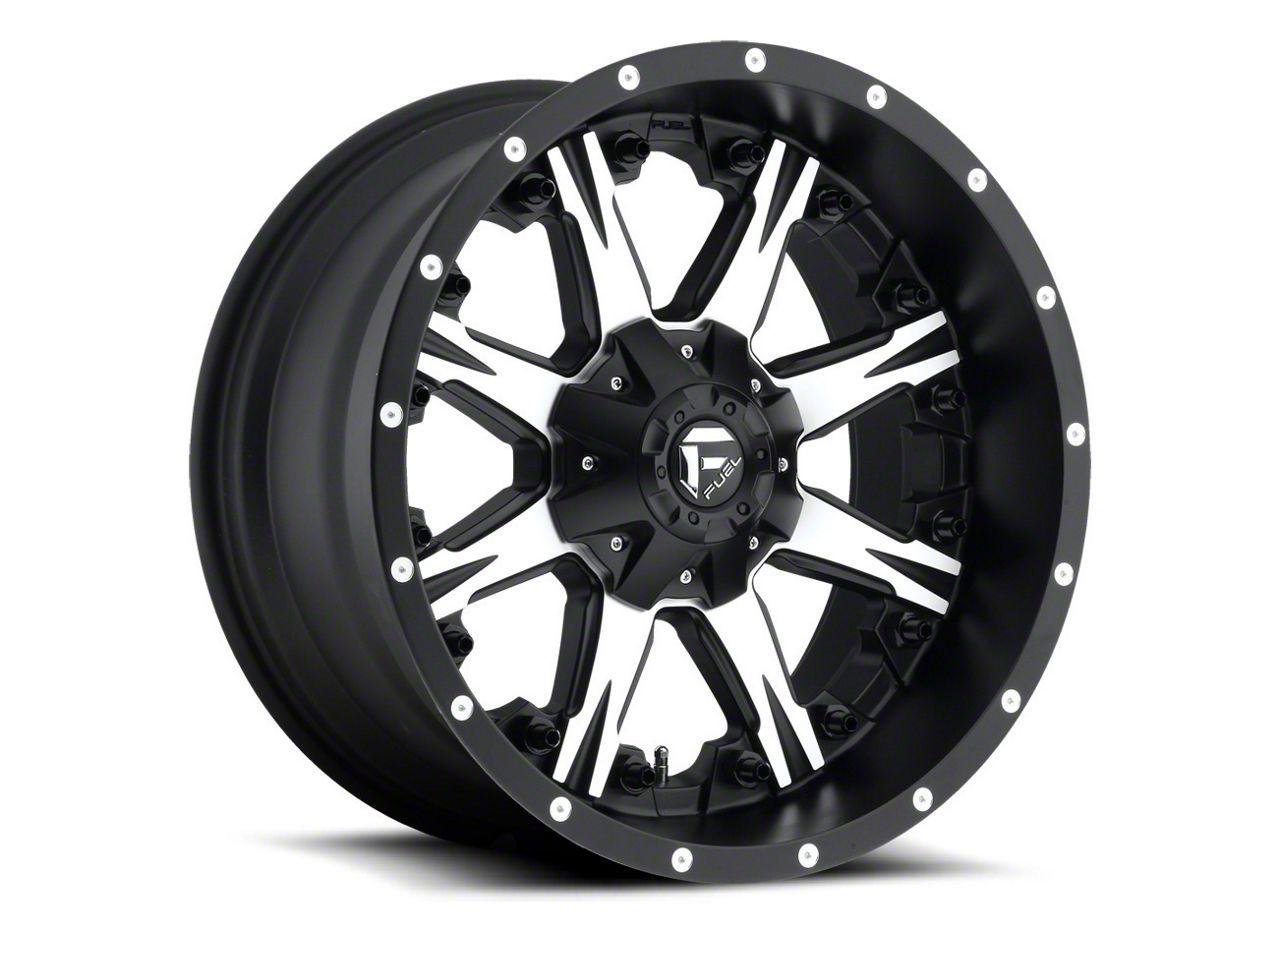 Fuel Wheels NUTZ Black Machined 6-Lug Wheel - 20x9 (07-18 Sierra 1500)